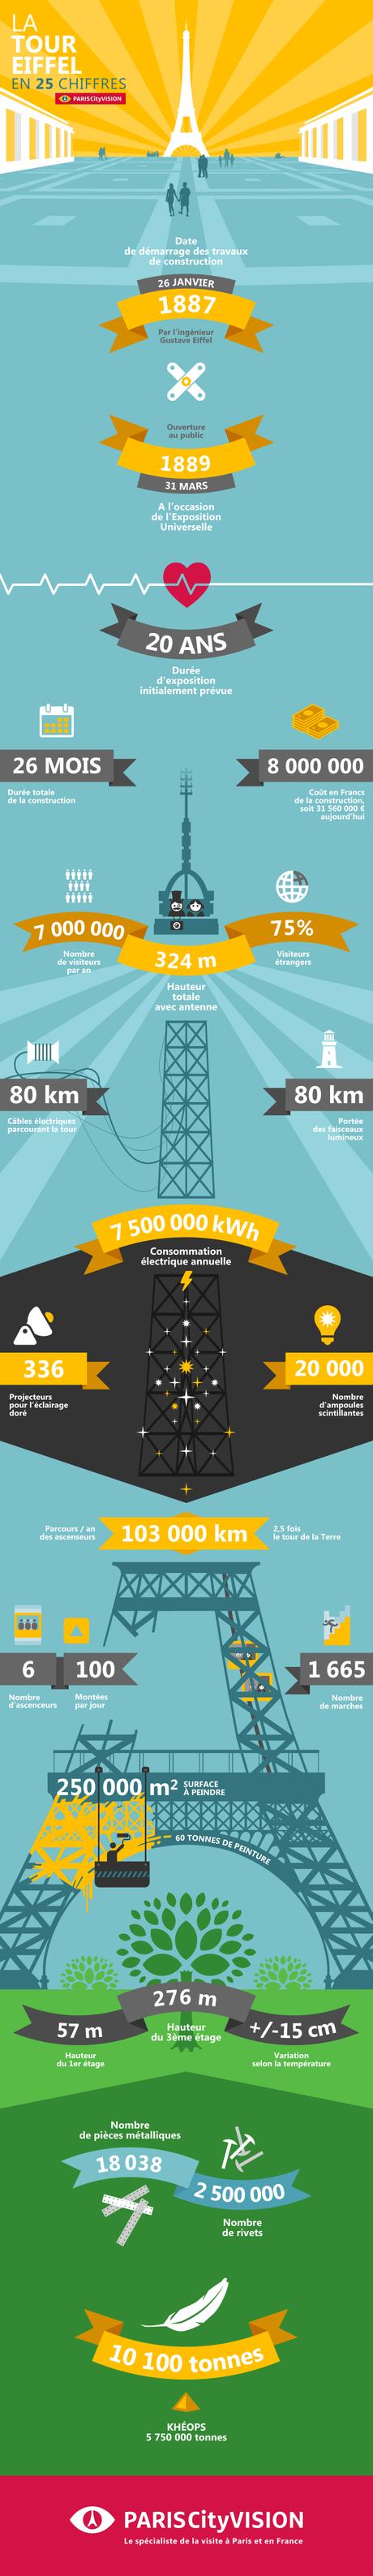 Chiffres et informations surprenantes sur la Tour Eiffel